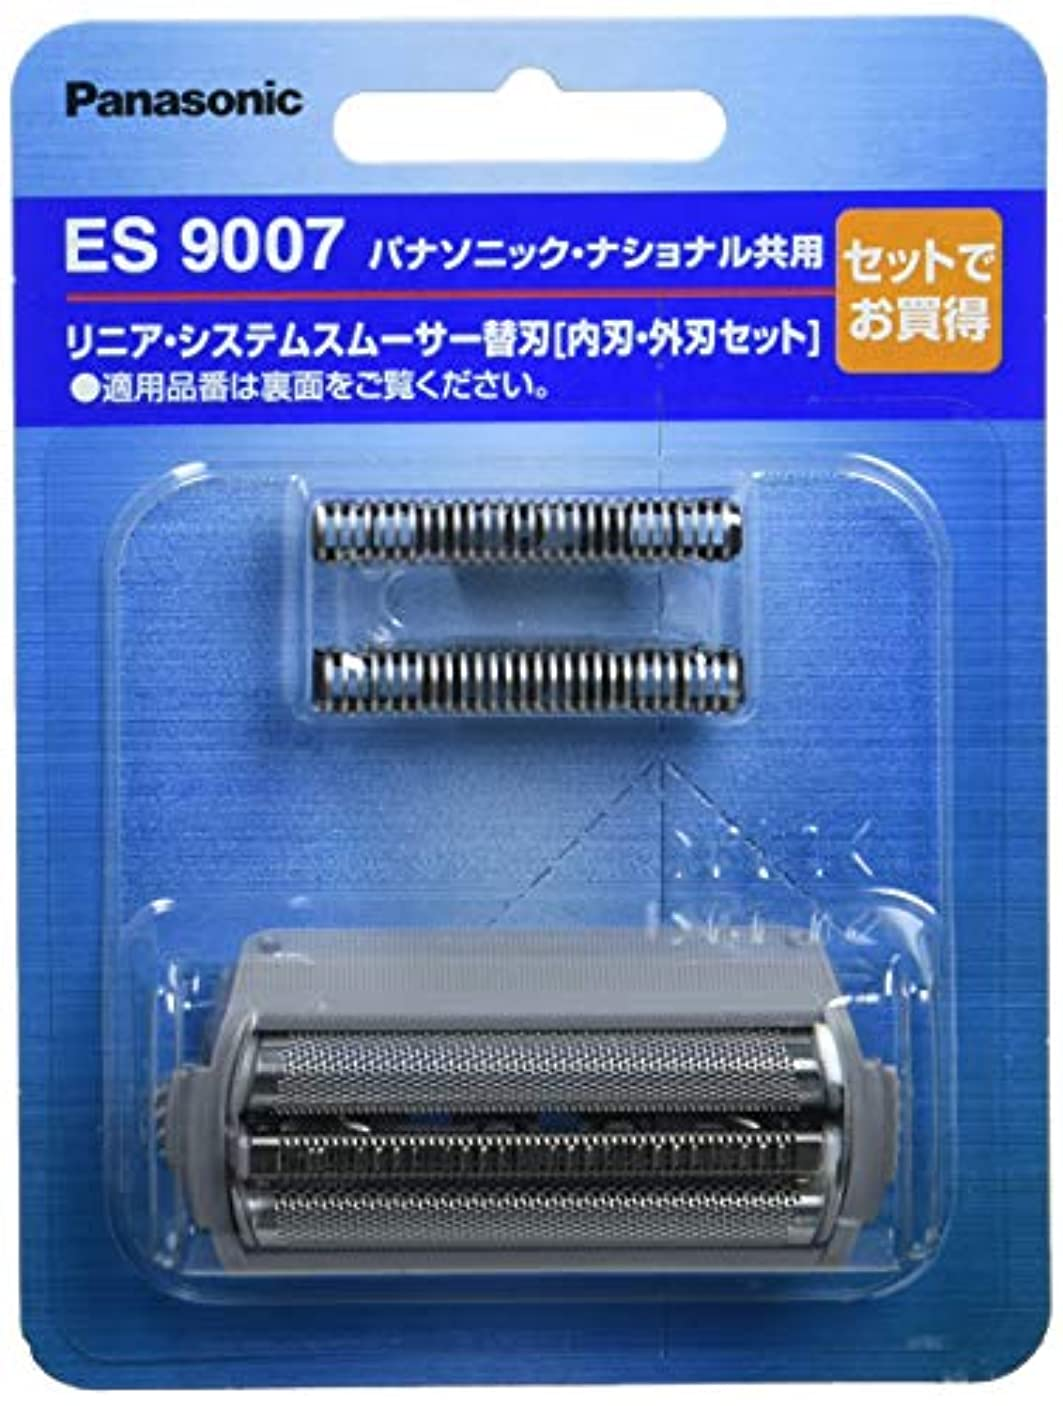 暴露エンドウ急速なパナソニック 替刃 メンズシェーバー用 セット刃 ES9007